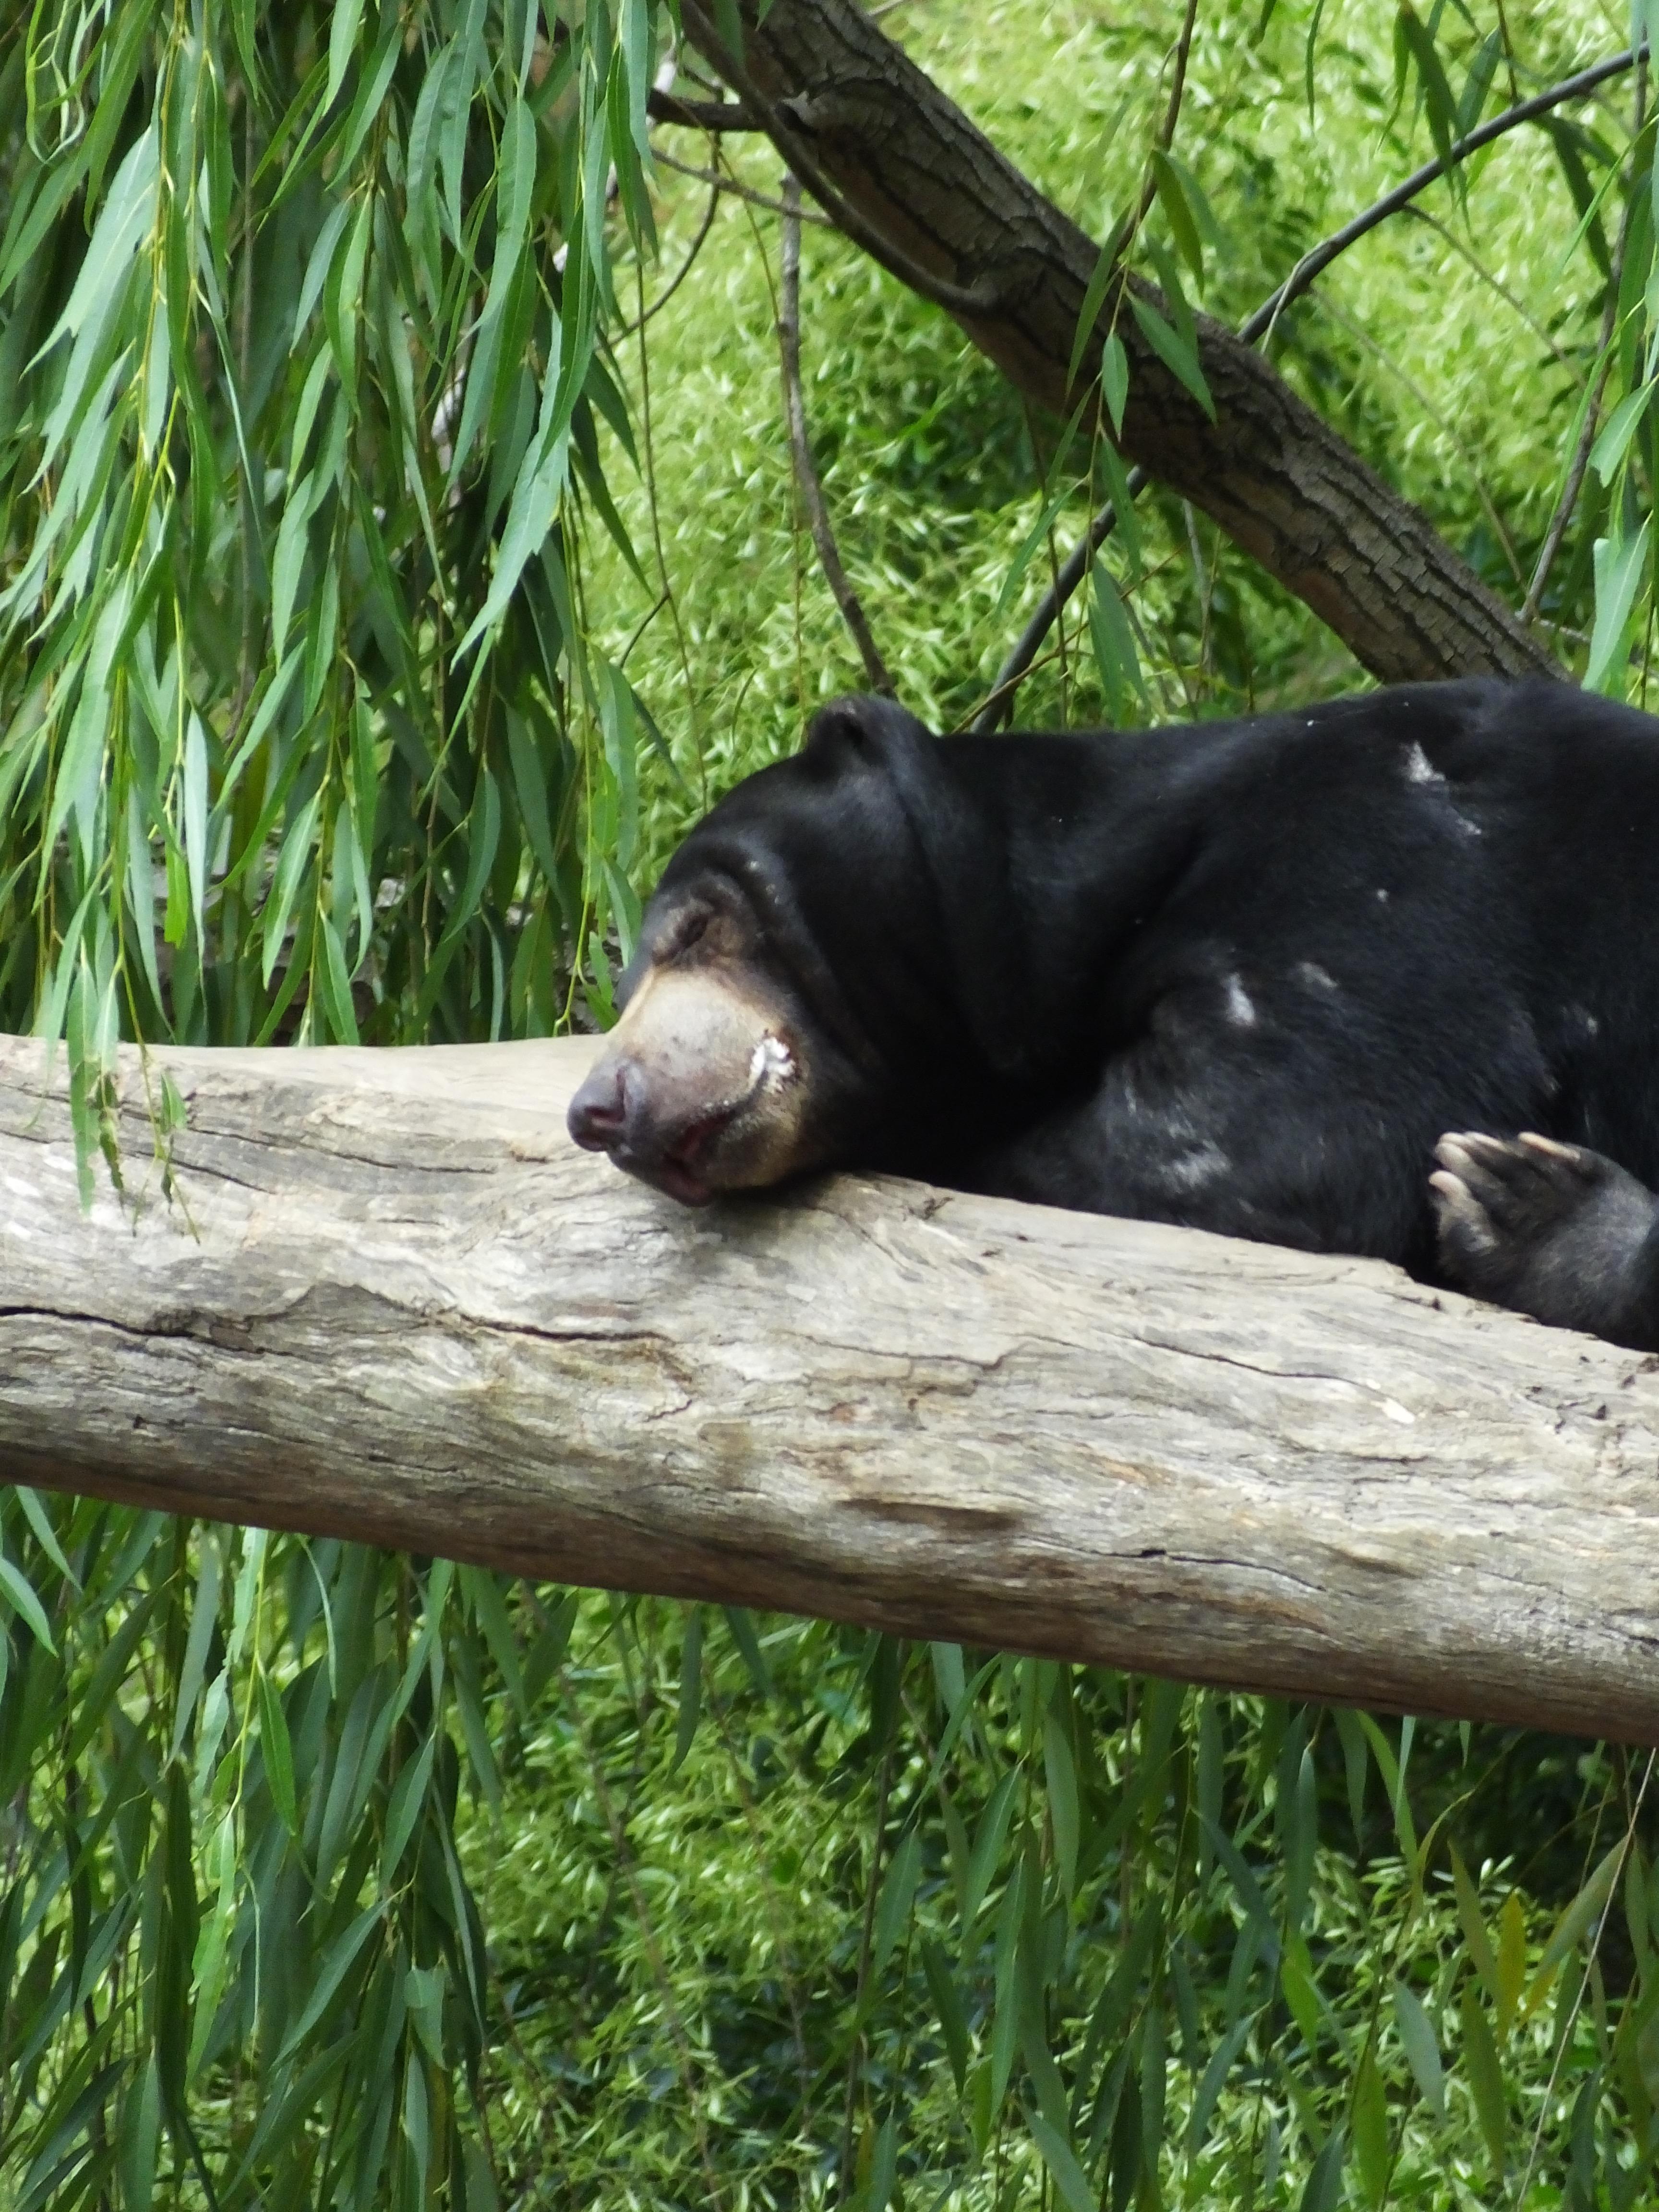 Sleeping animals ...